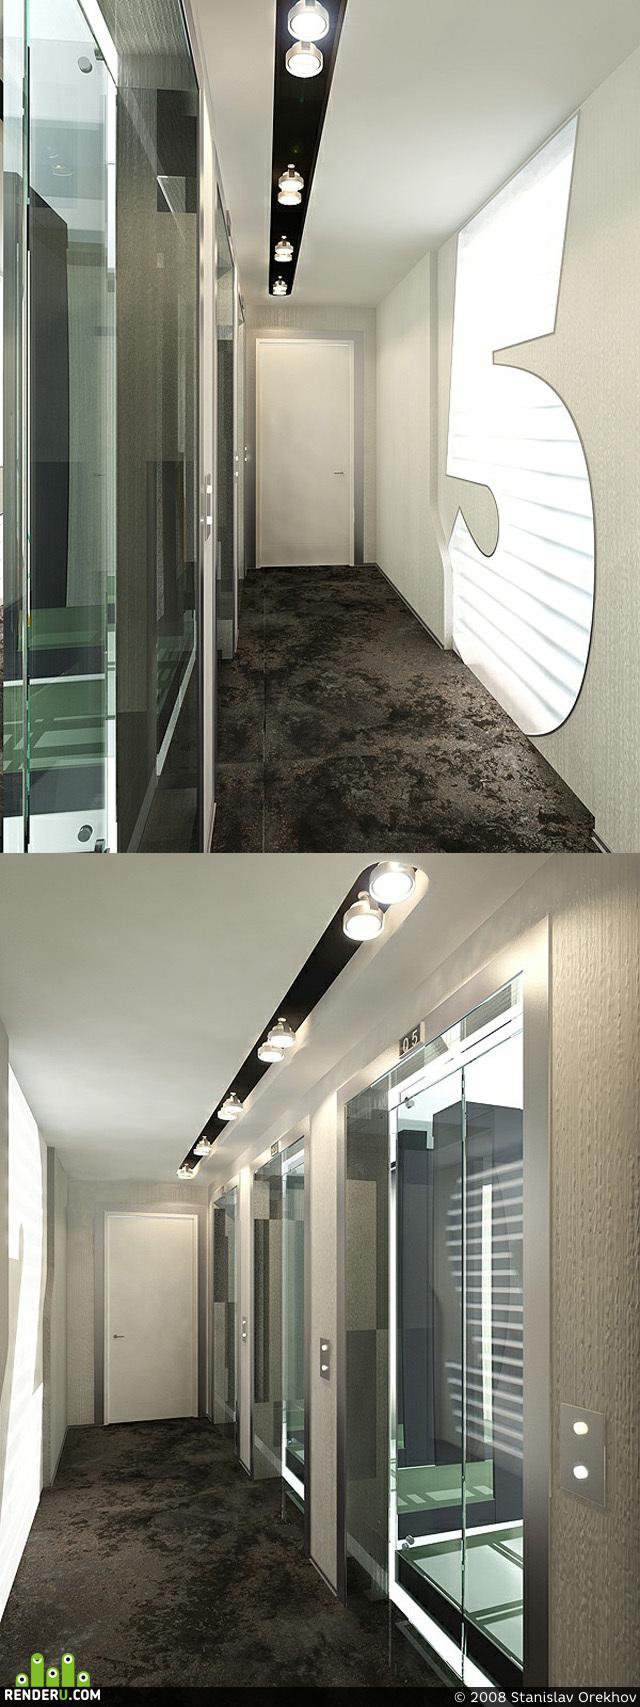 preview Лифтовой холл офисного здания